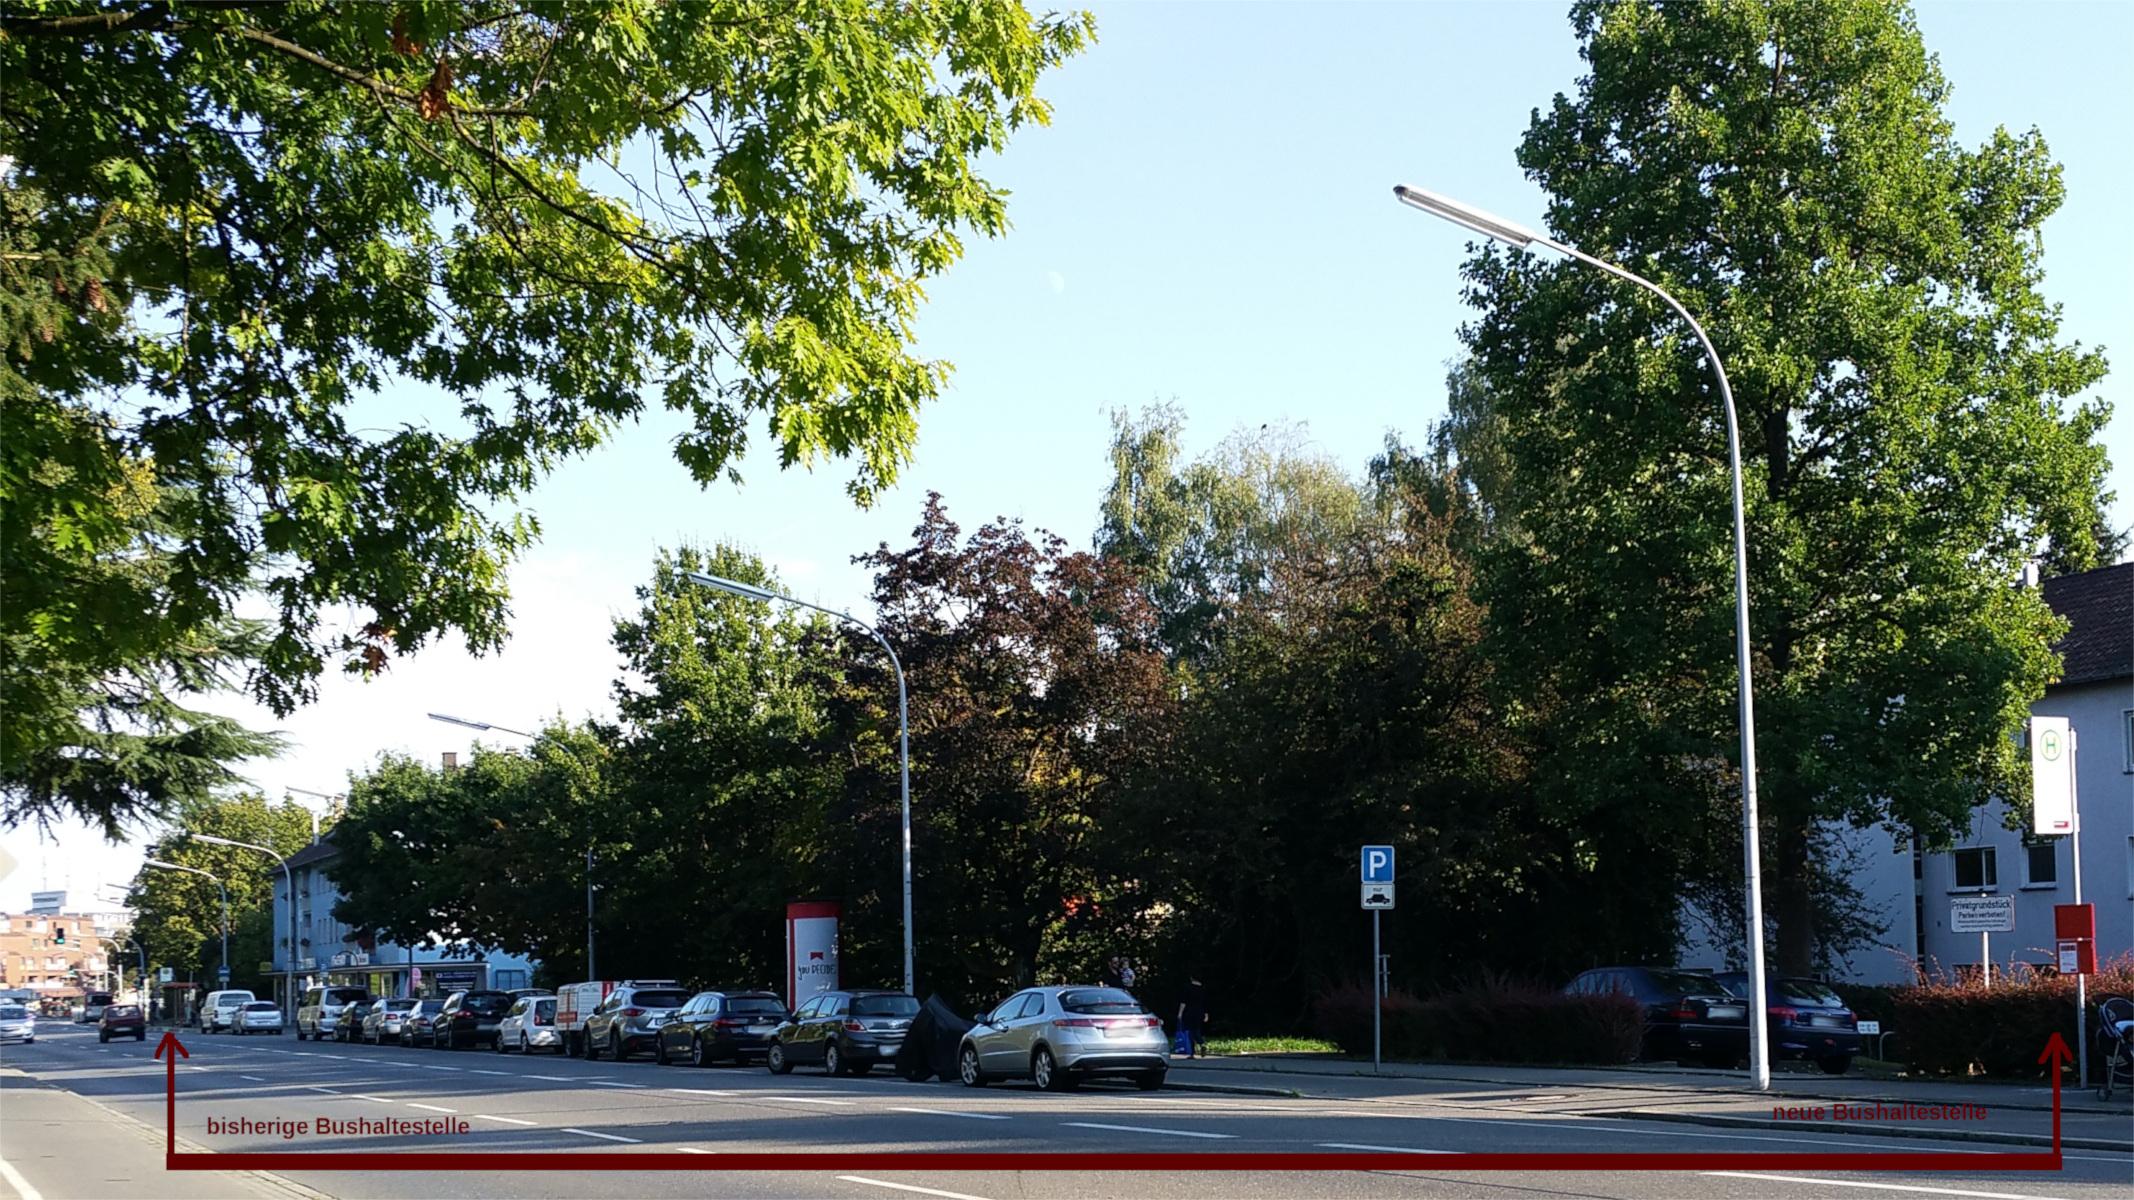 Bushaltestellen verlegen in Konstanz um wohl Wegstrecken zu verkürzen, alte und neue Bushaltestelle markiert.